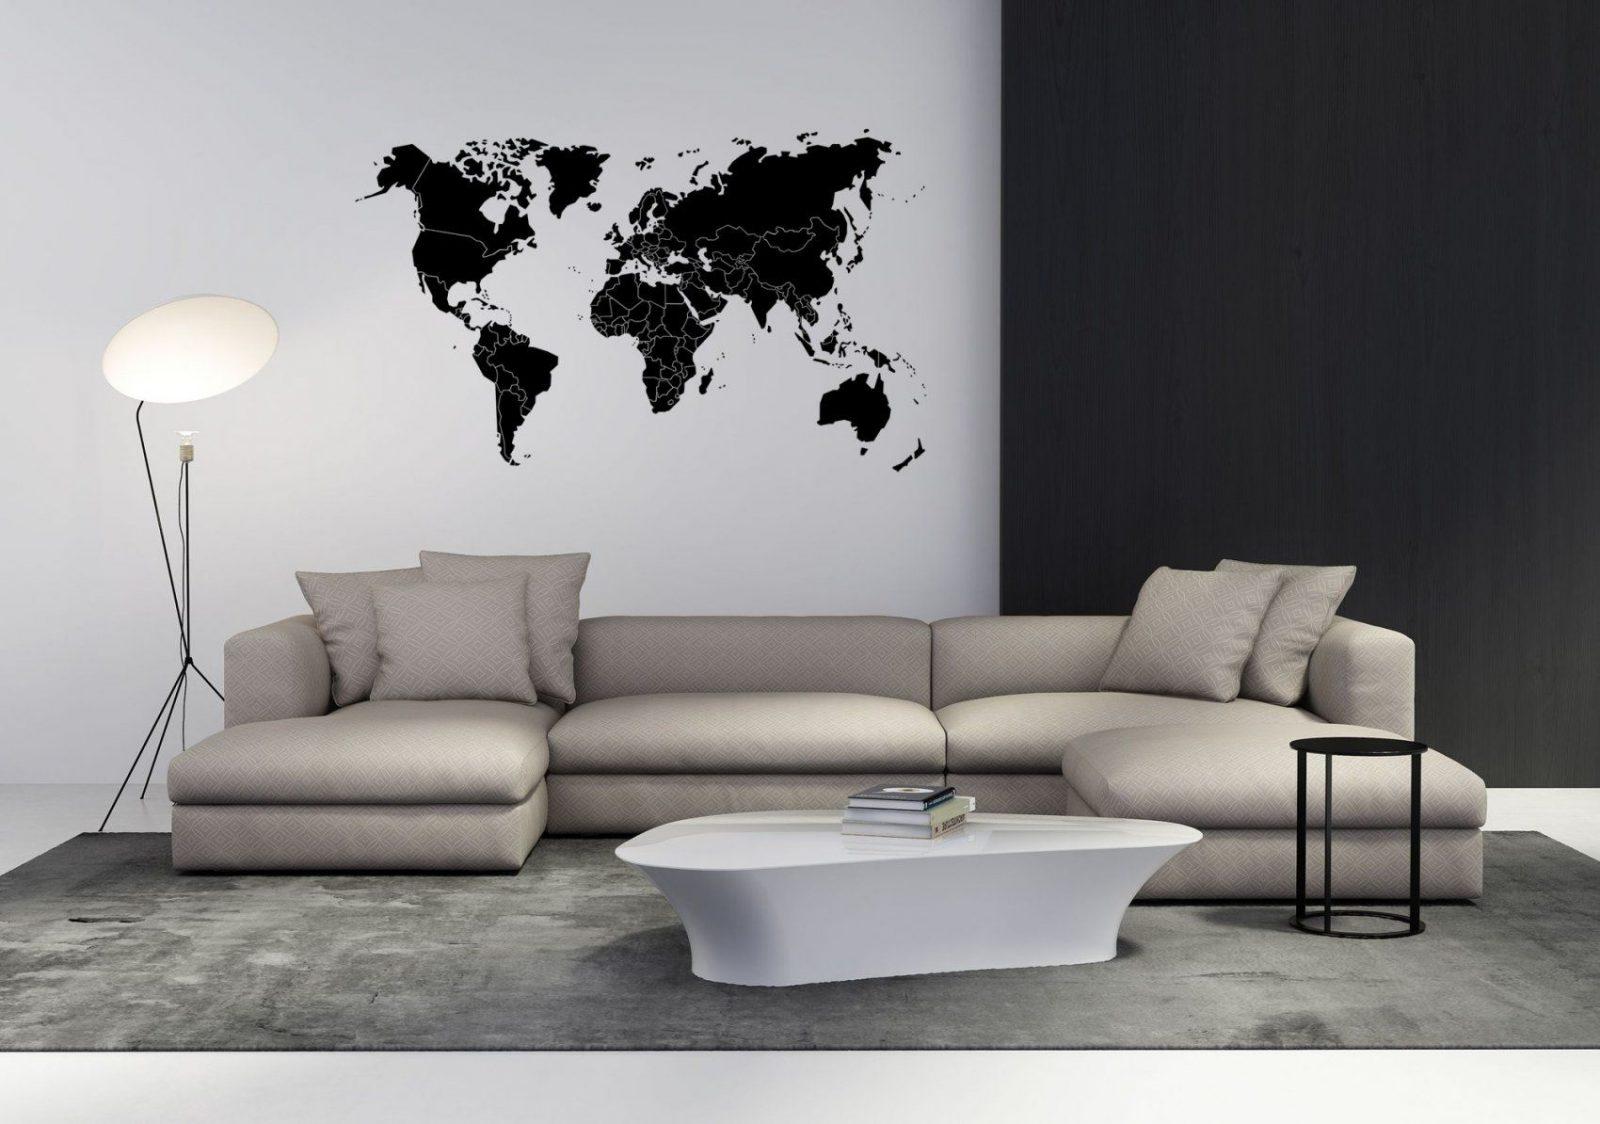 Wandtattoo Weltkarte Mit Ländergrenzen In Versch Farben Und Größen von Wandtattoo Weltkarte Mit Ländergrenzen Bild